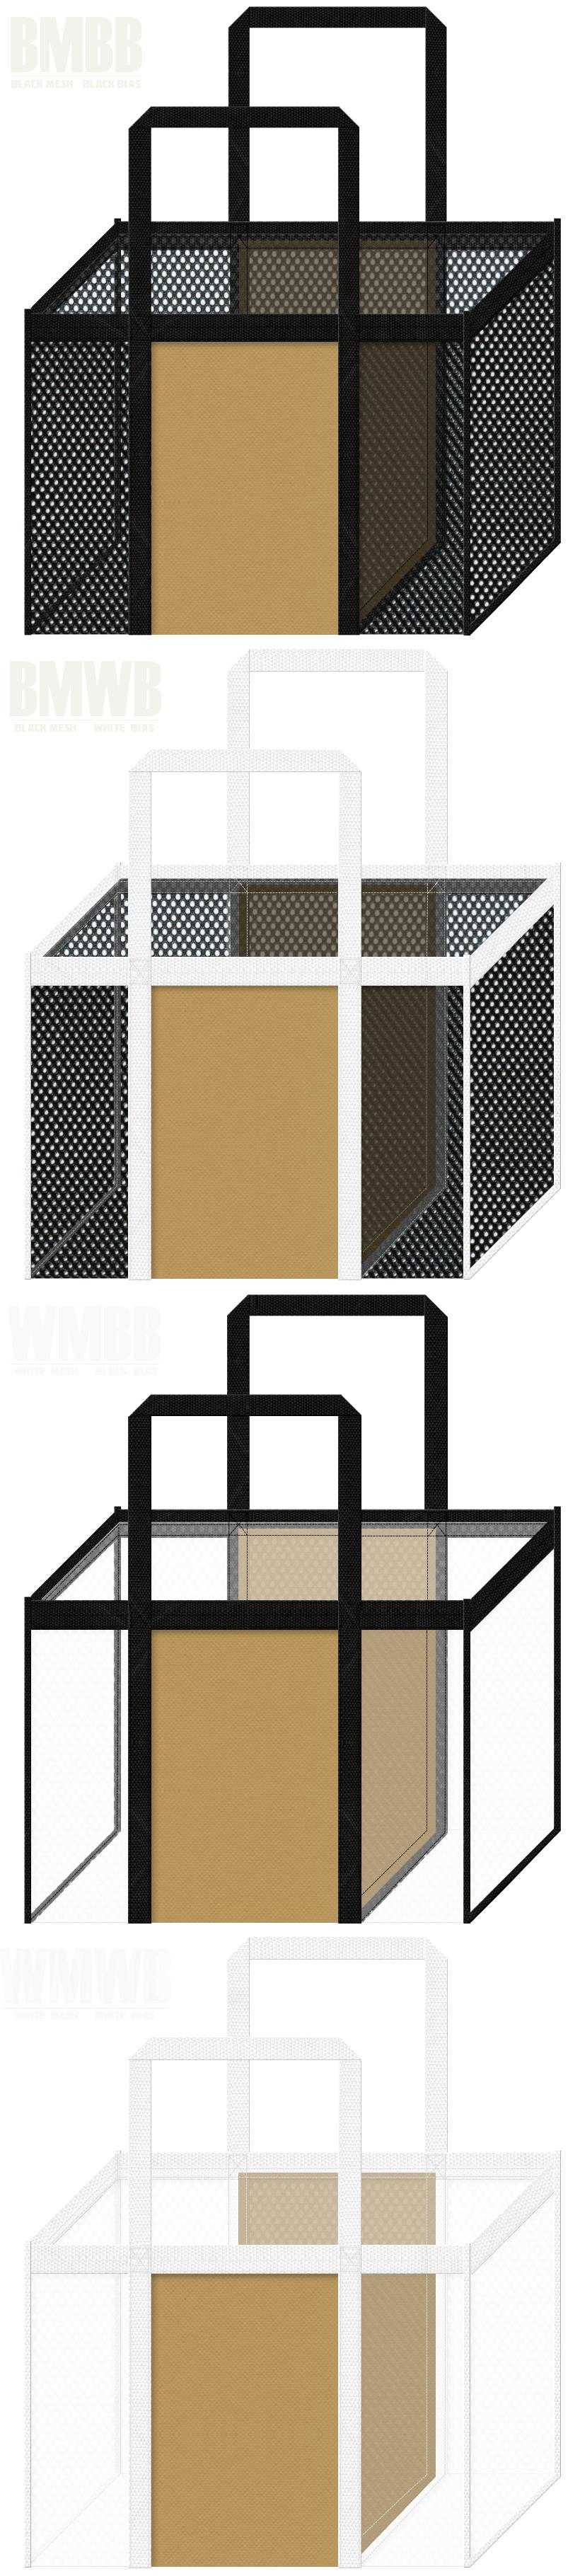 角型メッシュバッグのカラーシミュレーション:黒色・白色メッシュと金黄土色不織布の組み合わせ